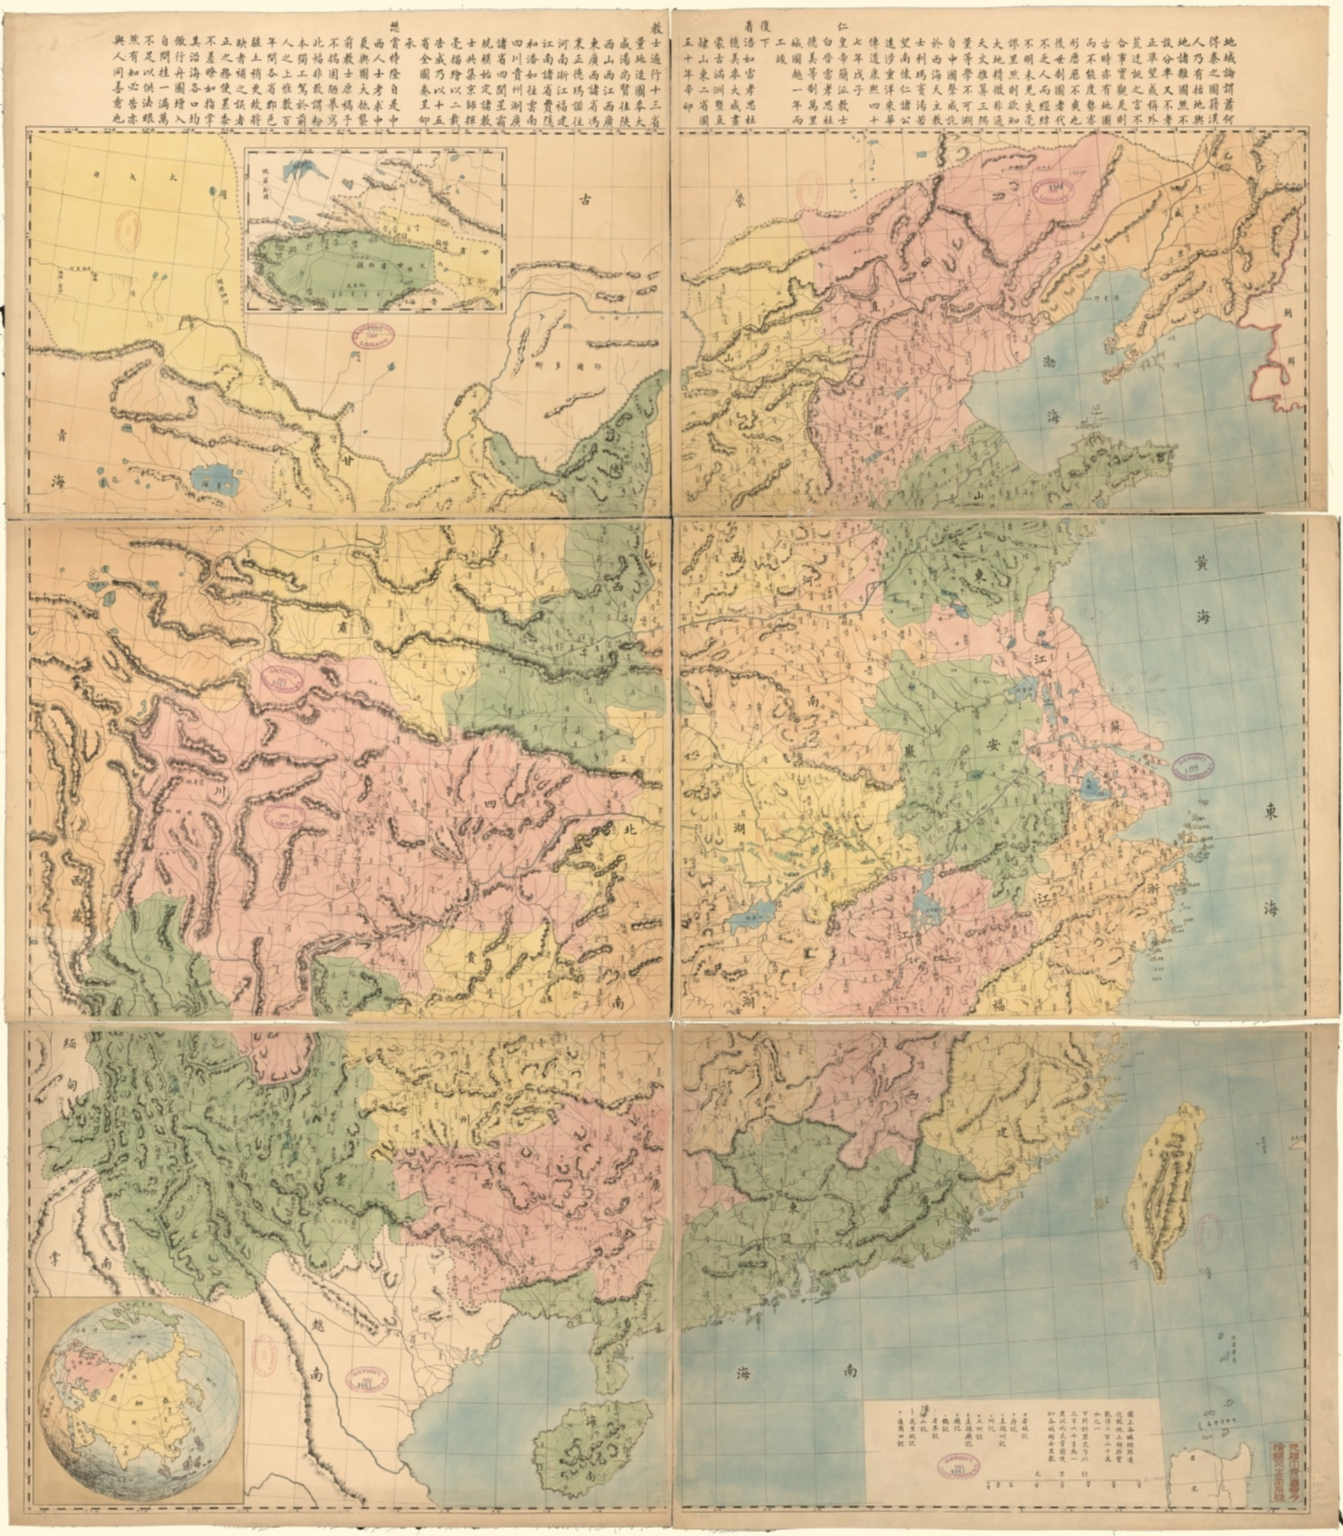 皇朝直省輿地全圖 = Qing Empire's complete map of all provinces